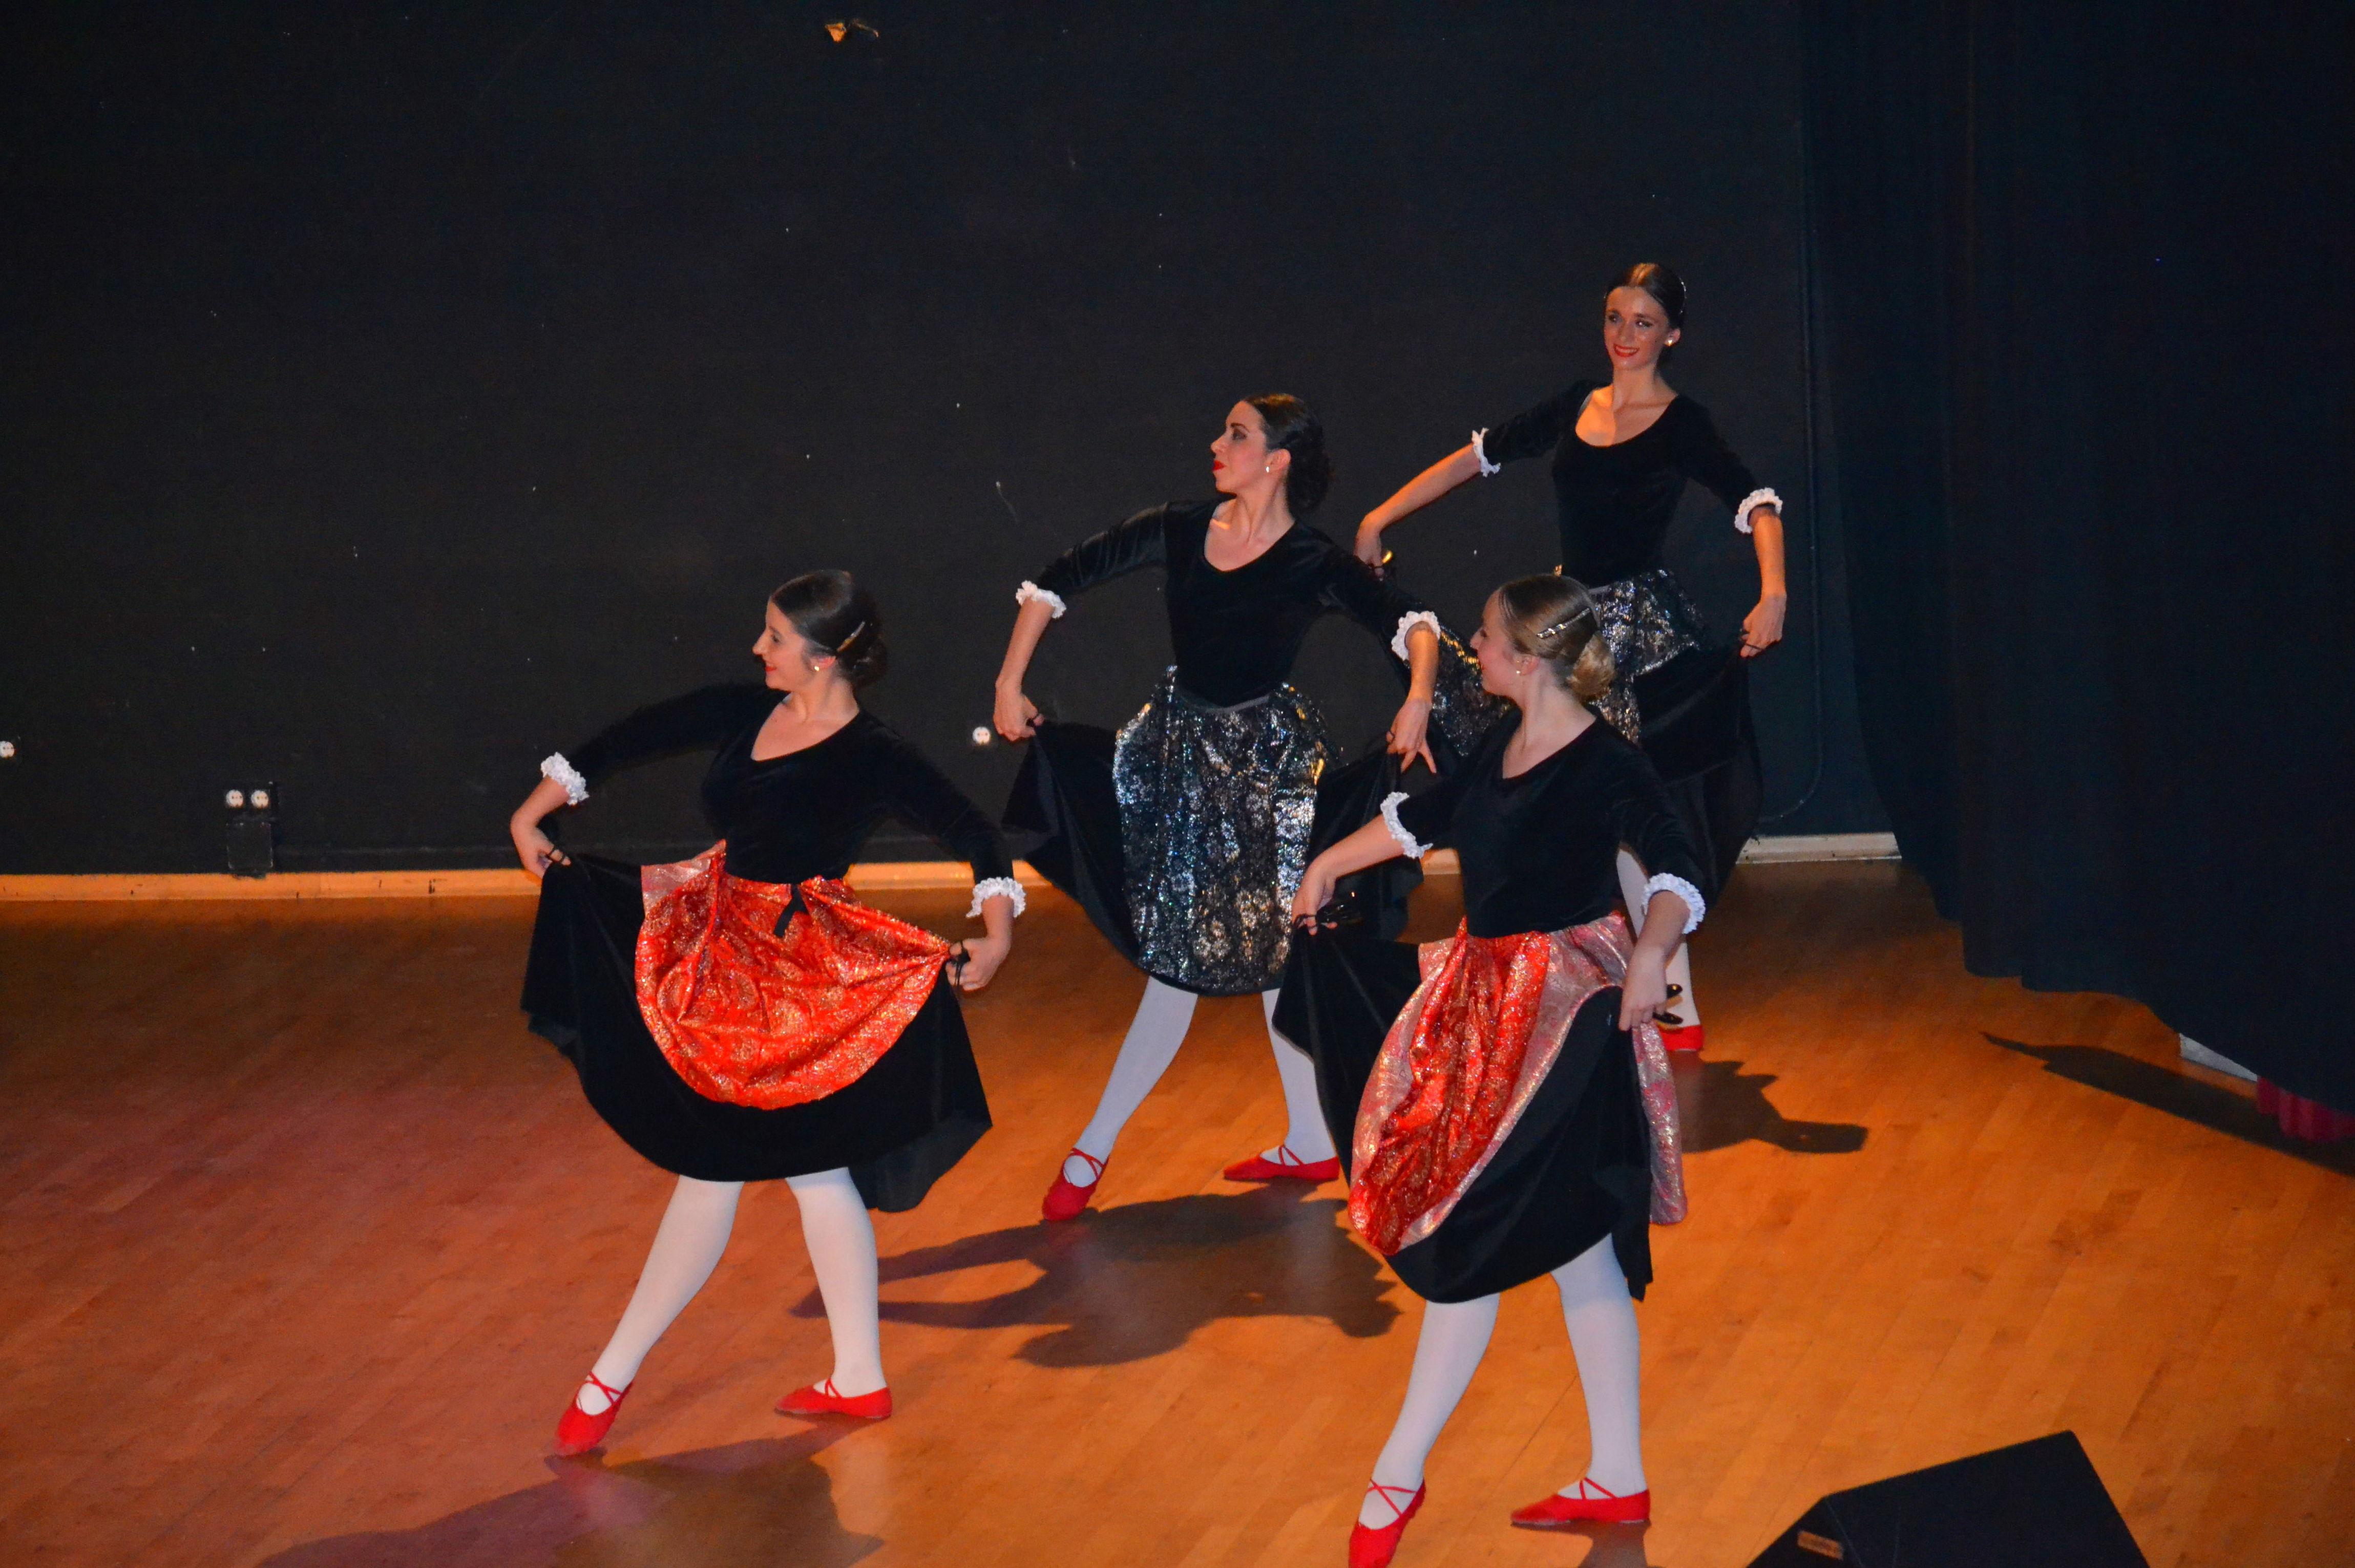 Foto 9 de Escuelas de música, danza e interpretación en Alcalá de Henares | Escuela de Danza Pepe Vento